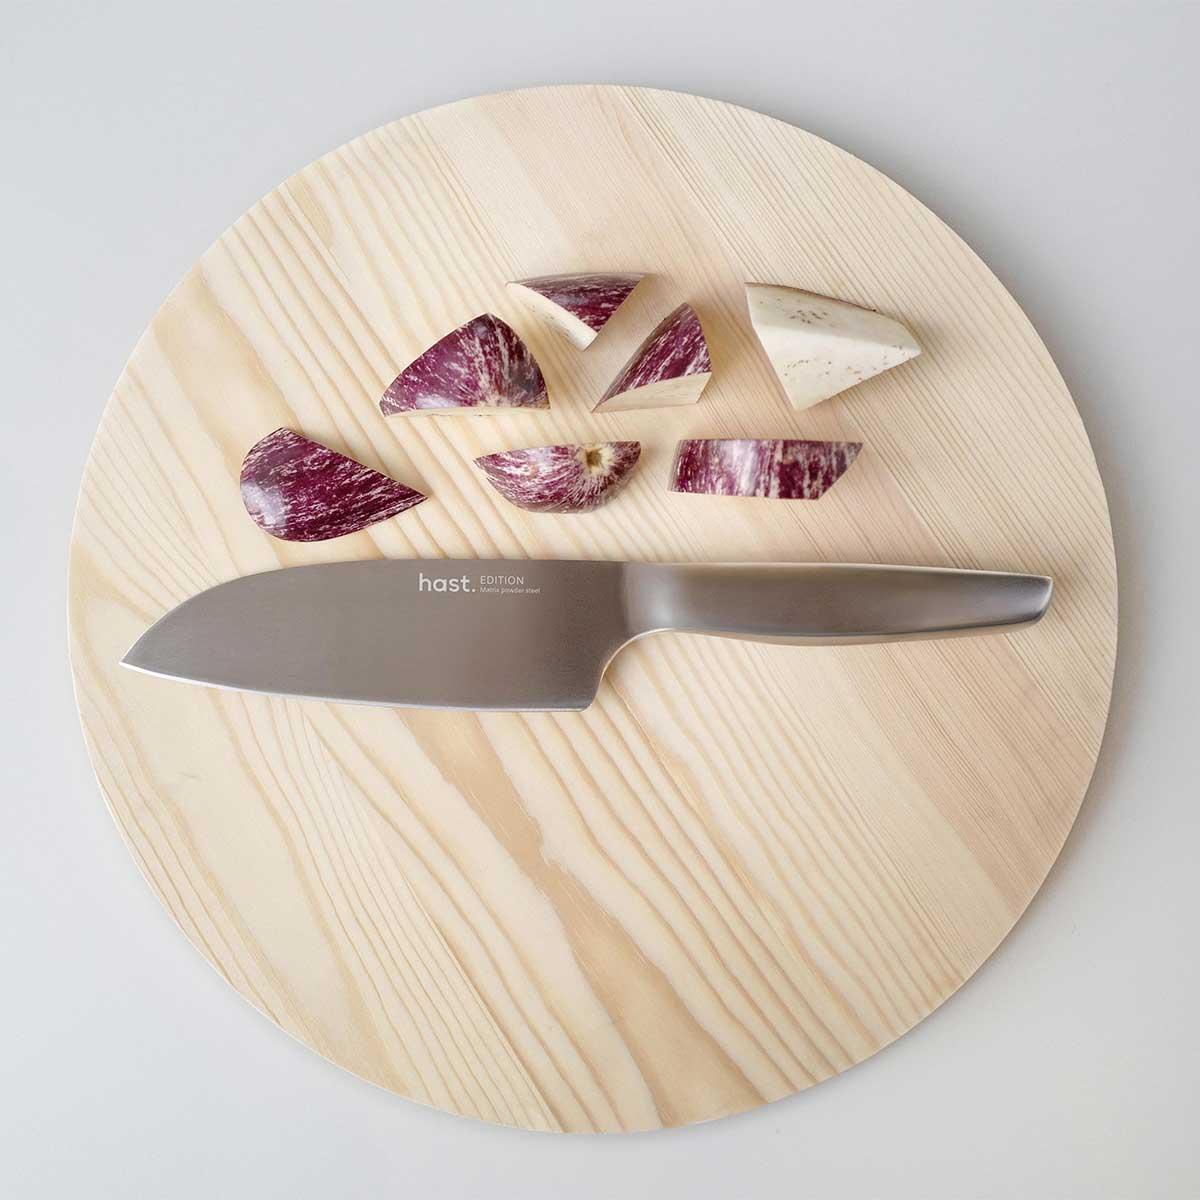 刃とハンドルの境目がないから清潔でメンテナンスもしやすい。極薄刃でストレスフリーな切れ味、野菜・肉・魚に幅広く使える「包丁・ナイフ」 hast(ハスト)